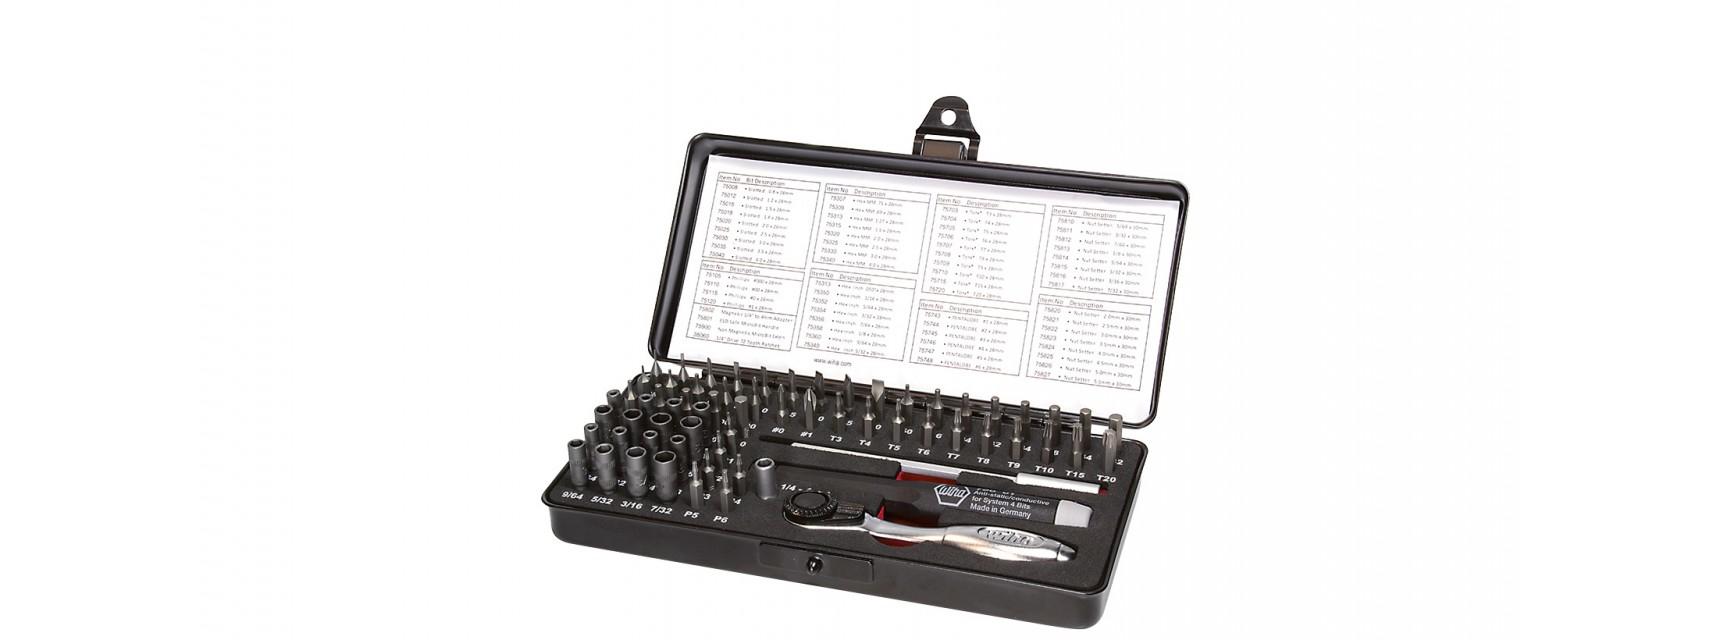 Wiha 7000 SK 65 ESD - 65 Stück(e) - Kreuz - Flach - 1x Micro-bit 28 mm (40600)  - Slotted: 0,8  - Bit length: 28 1x Micro-bit 28 mm (40601)  - Slotted:...